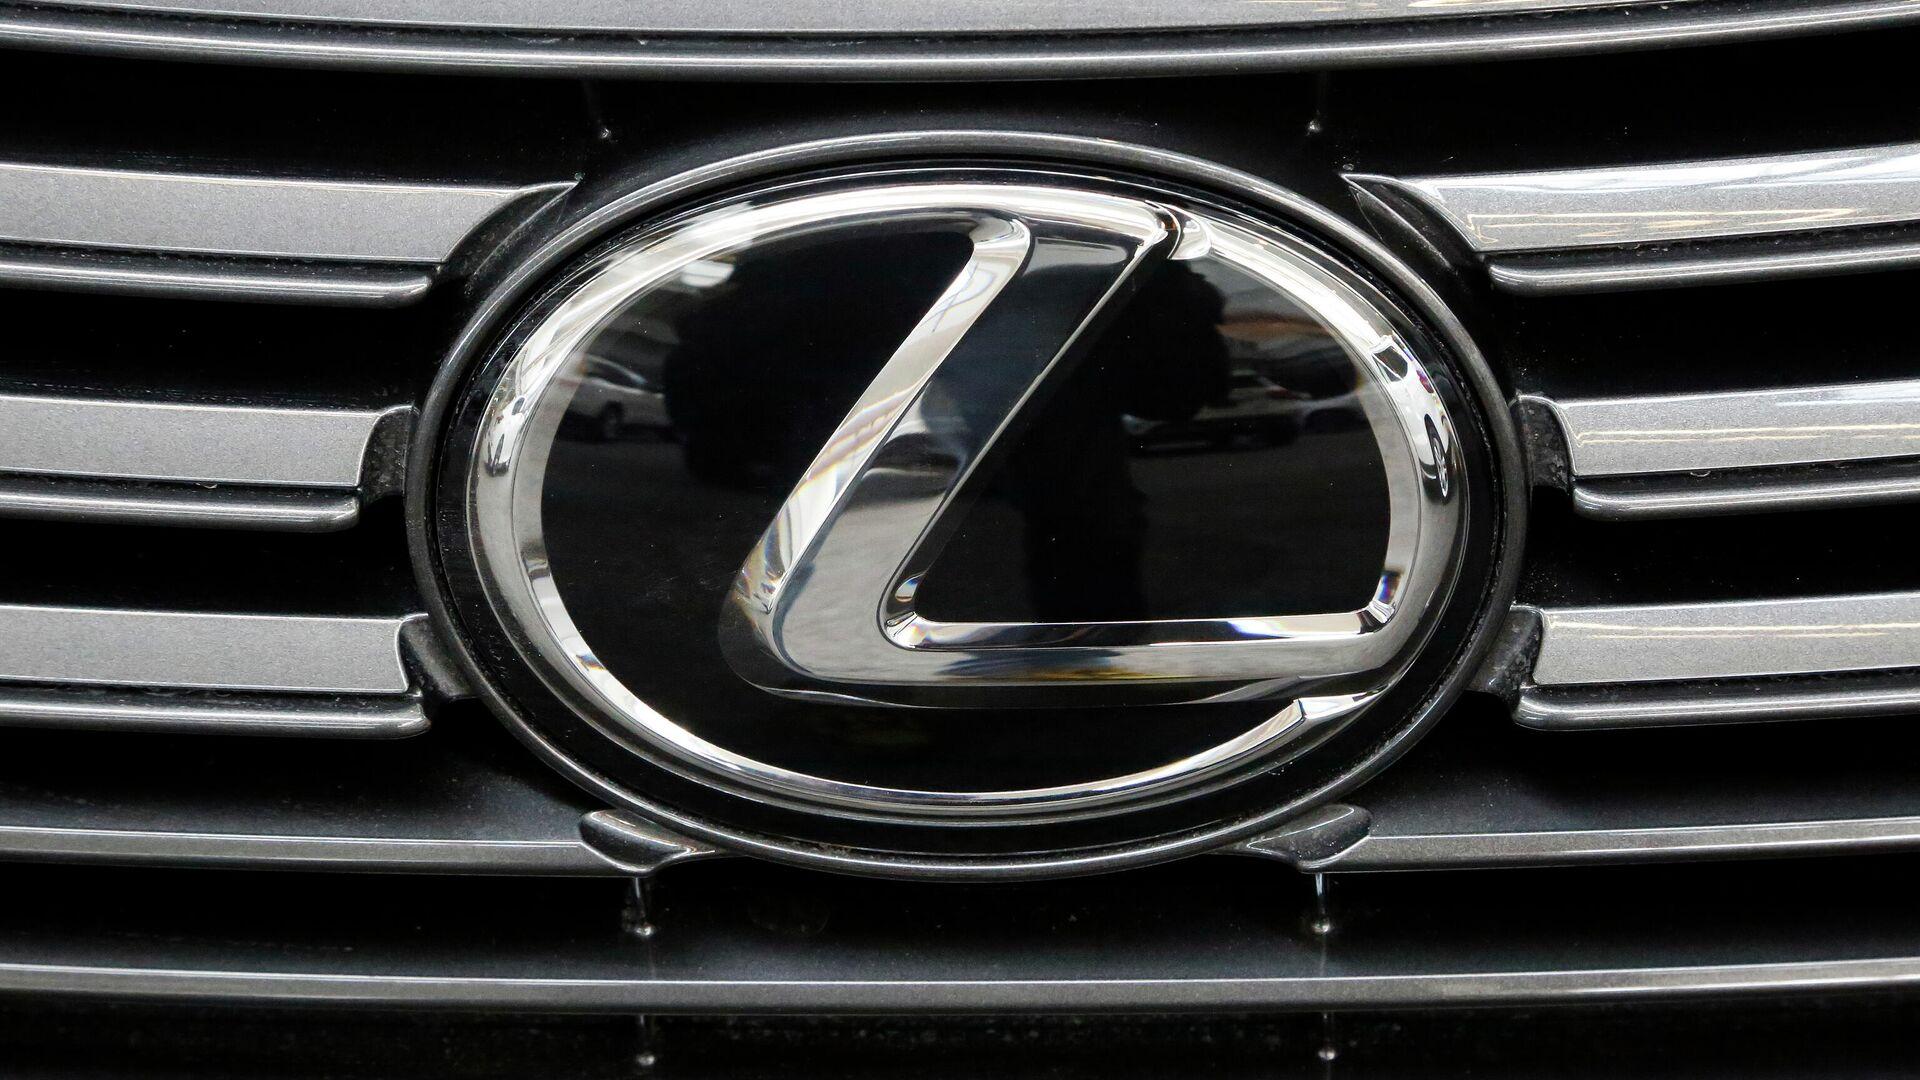 Эмблема Lexus на радиаторной решетке автомобиля - РИА Новости, 1920, 25.09.2020